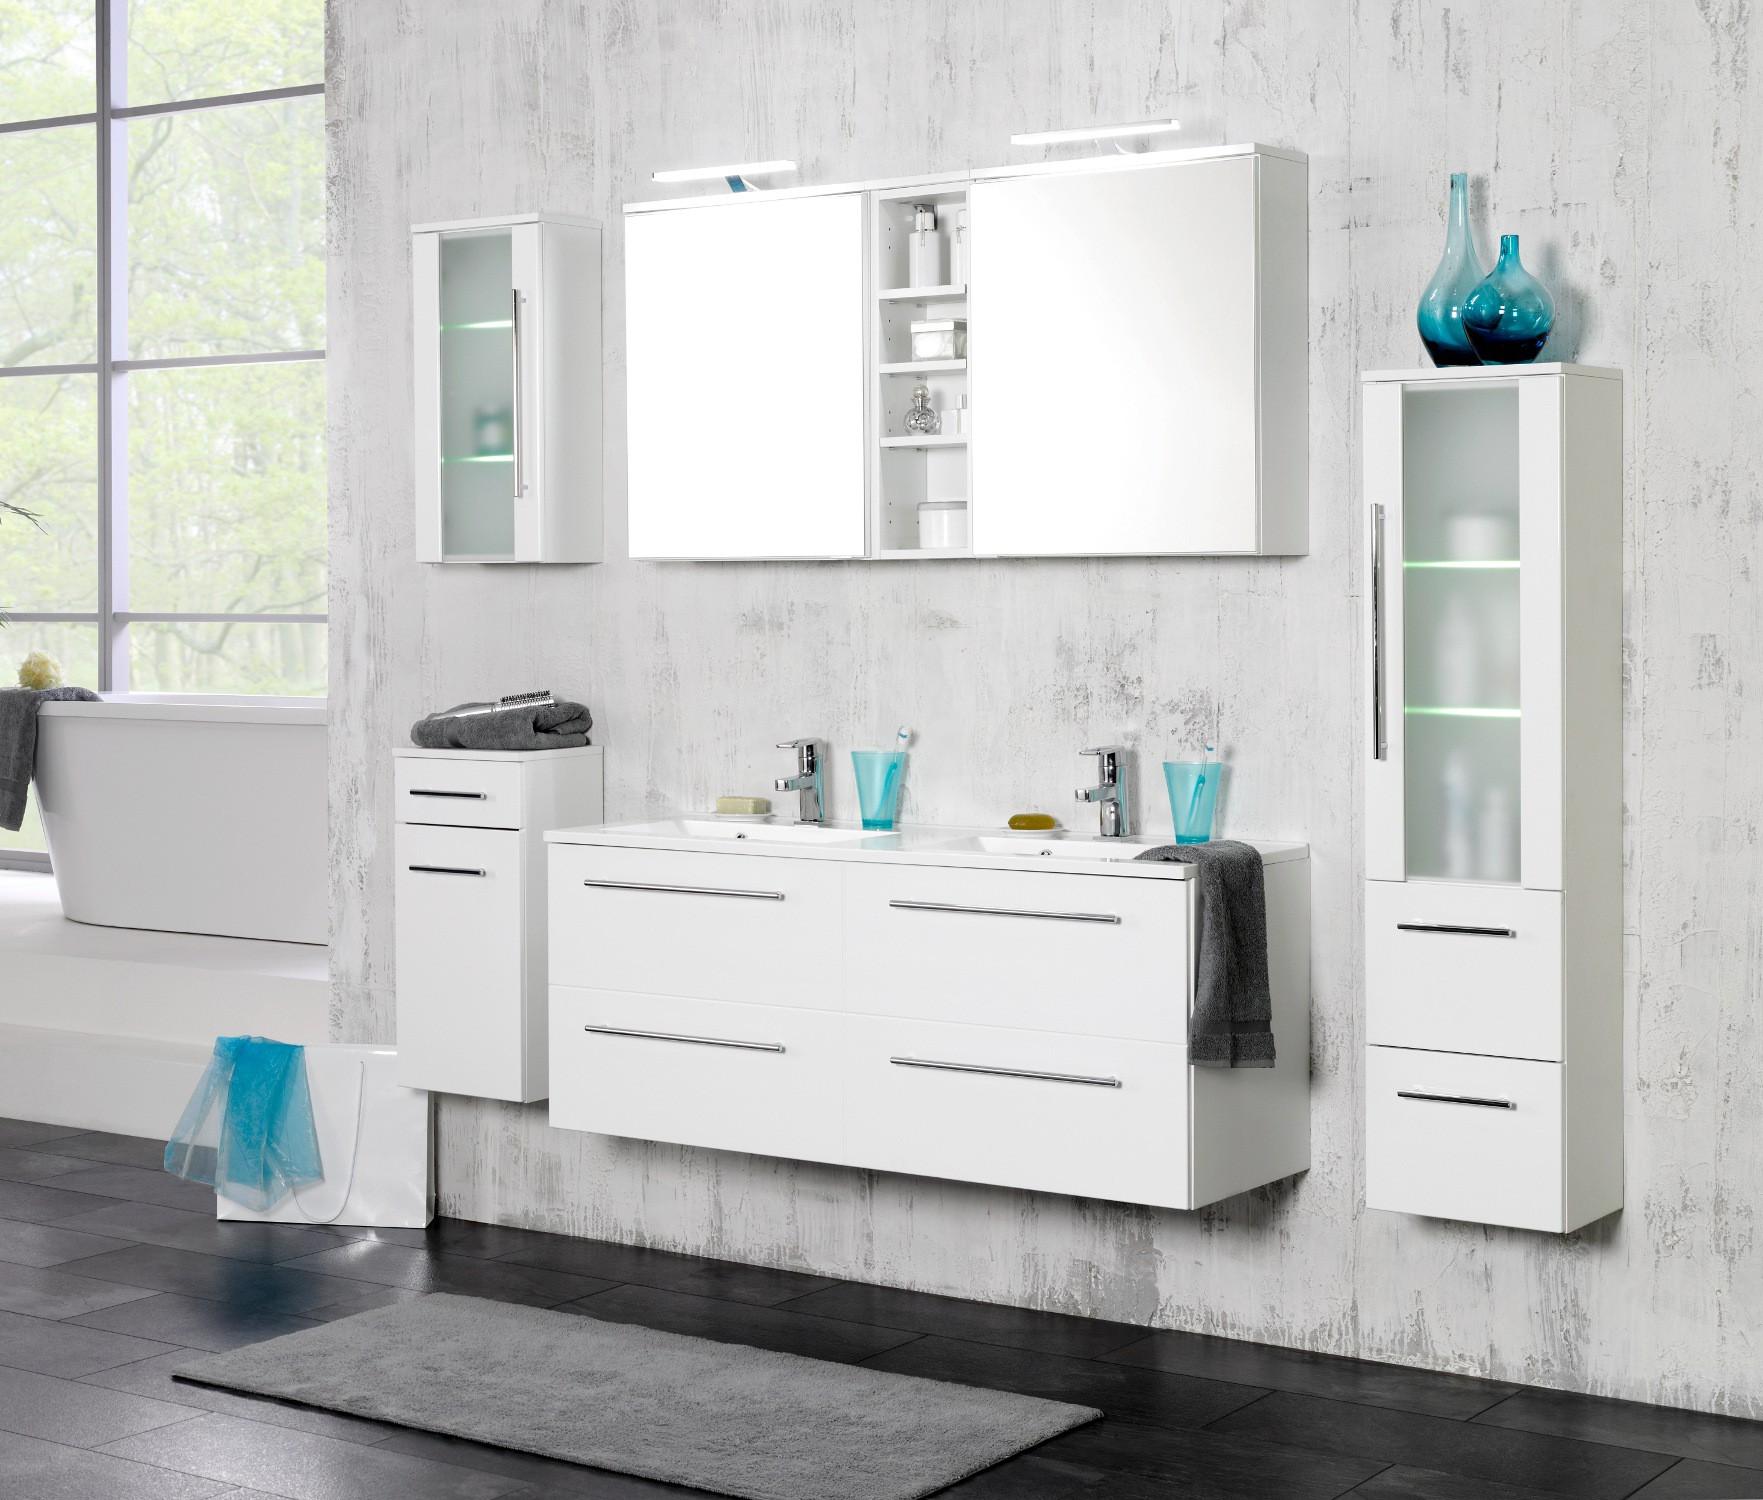 neu badezimmer badm belset mailand 7 teiliges doppel waschtisch badset weiss ebay